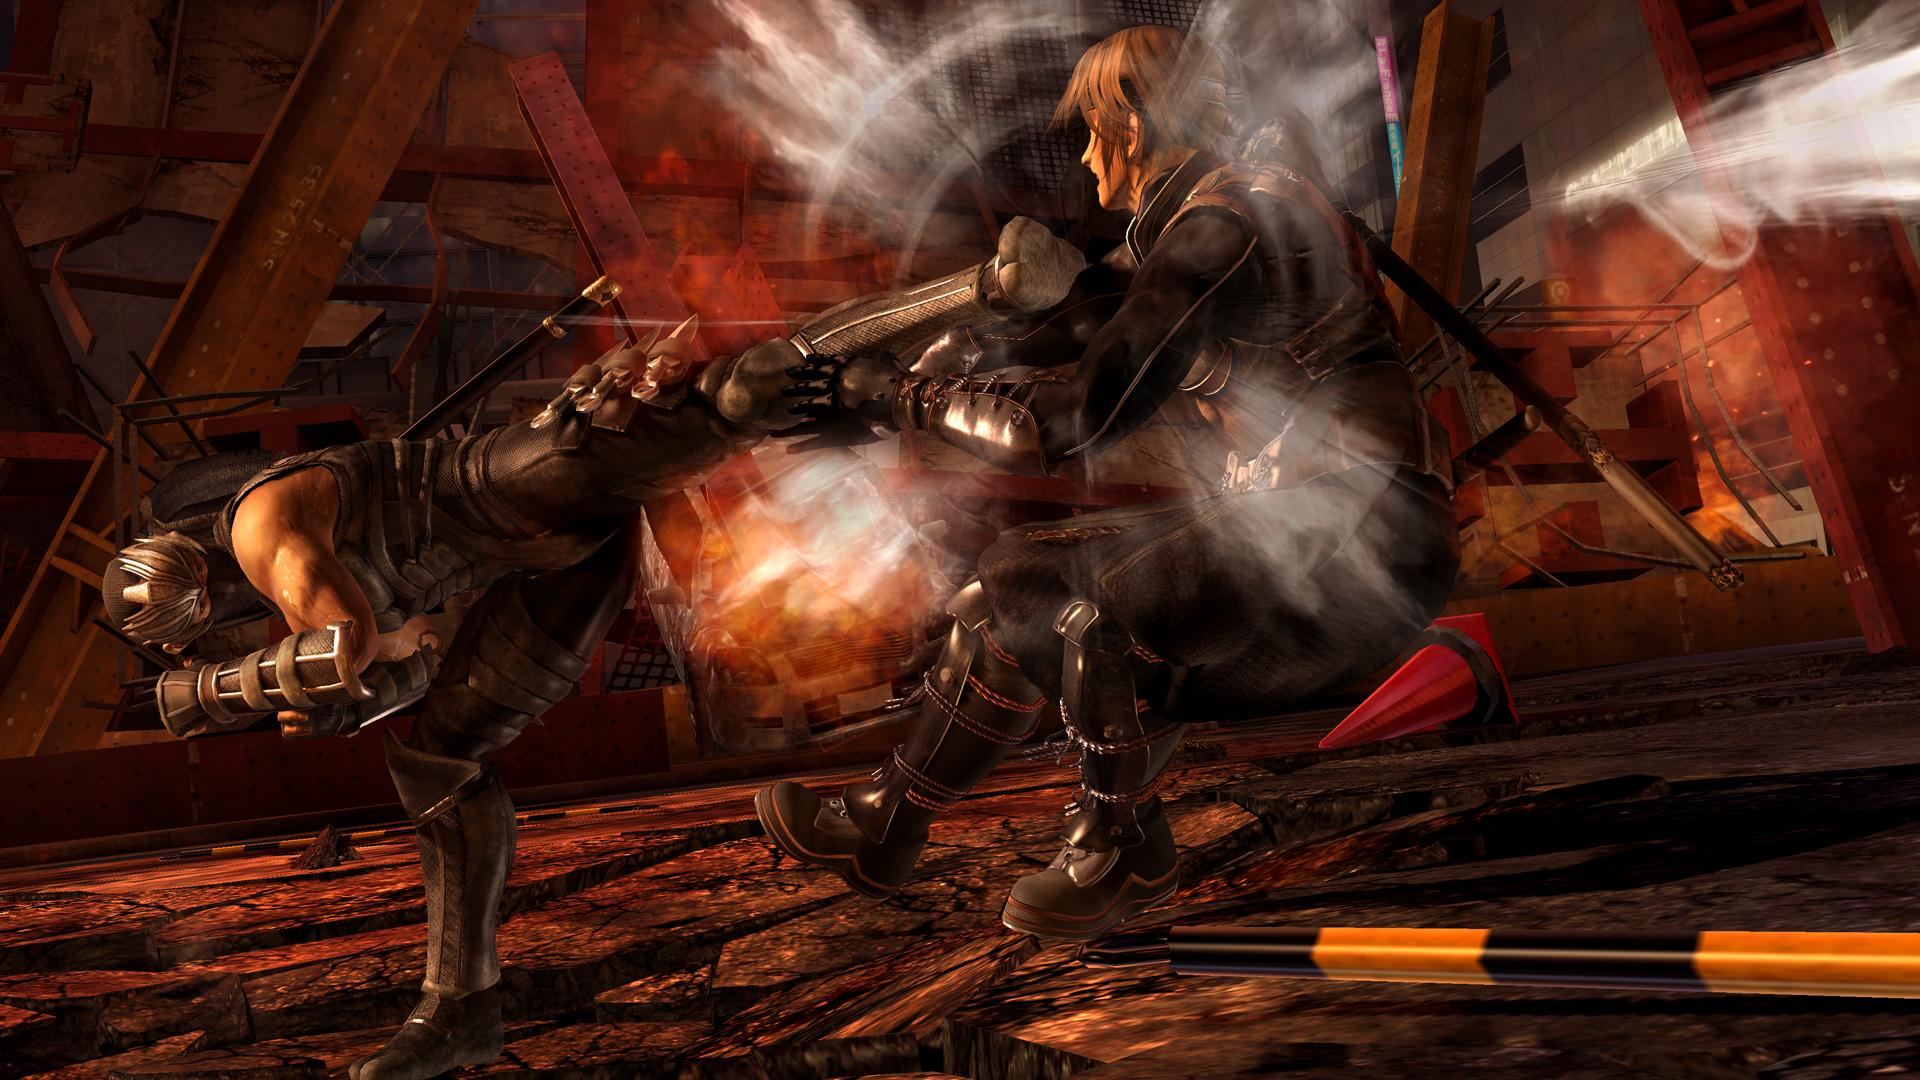 File:DOA5 Ryu vs Hayate 2.jpg